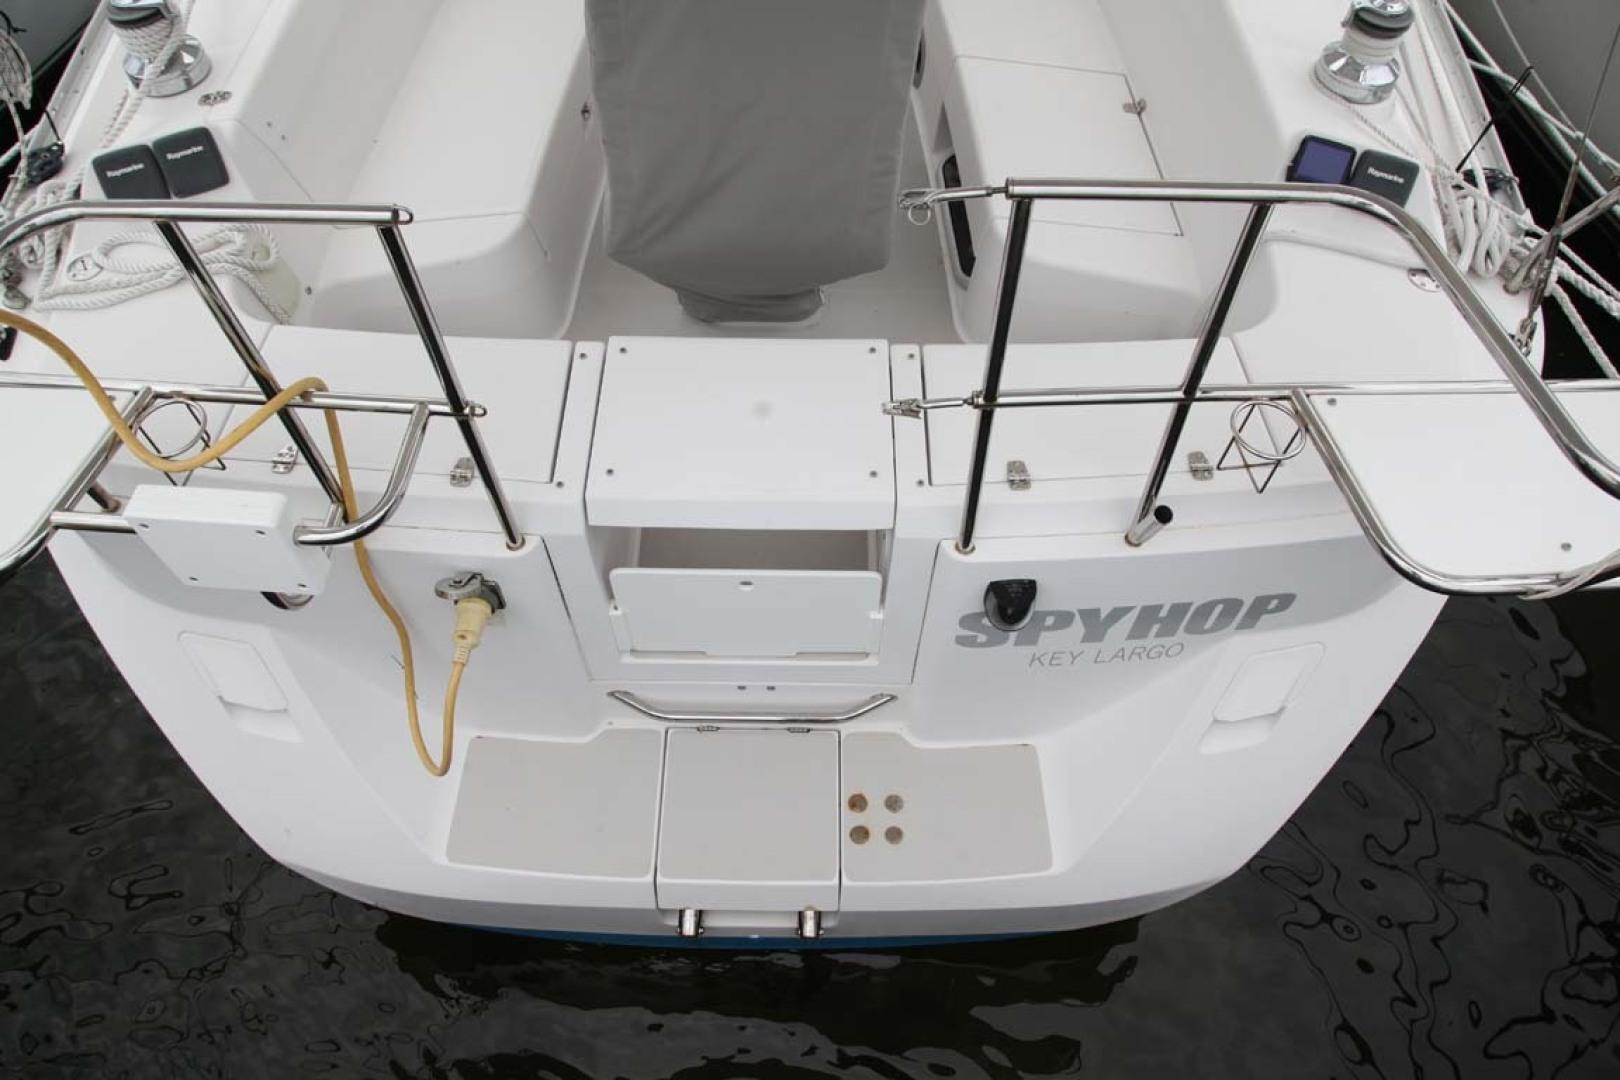 Catalina-355 2014 -Key Largo-Florida-United States-1574567 | Thumbnail